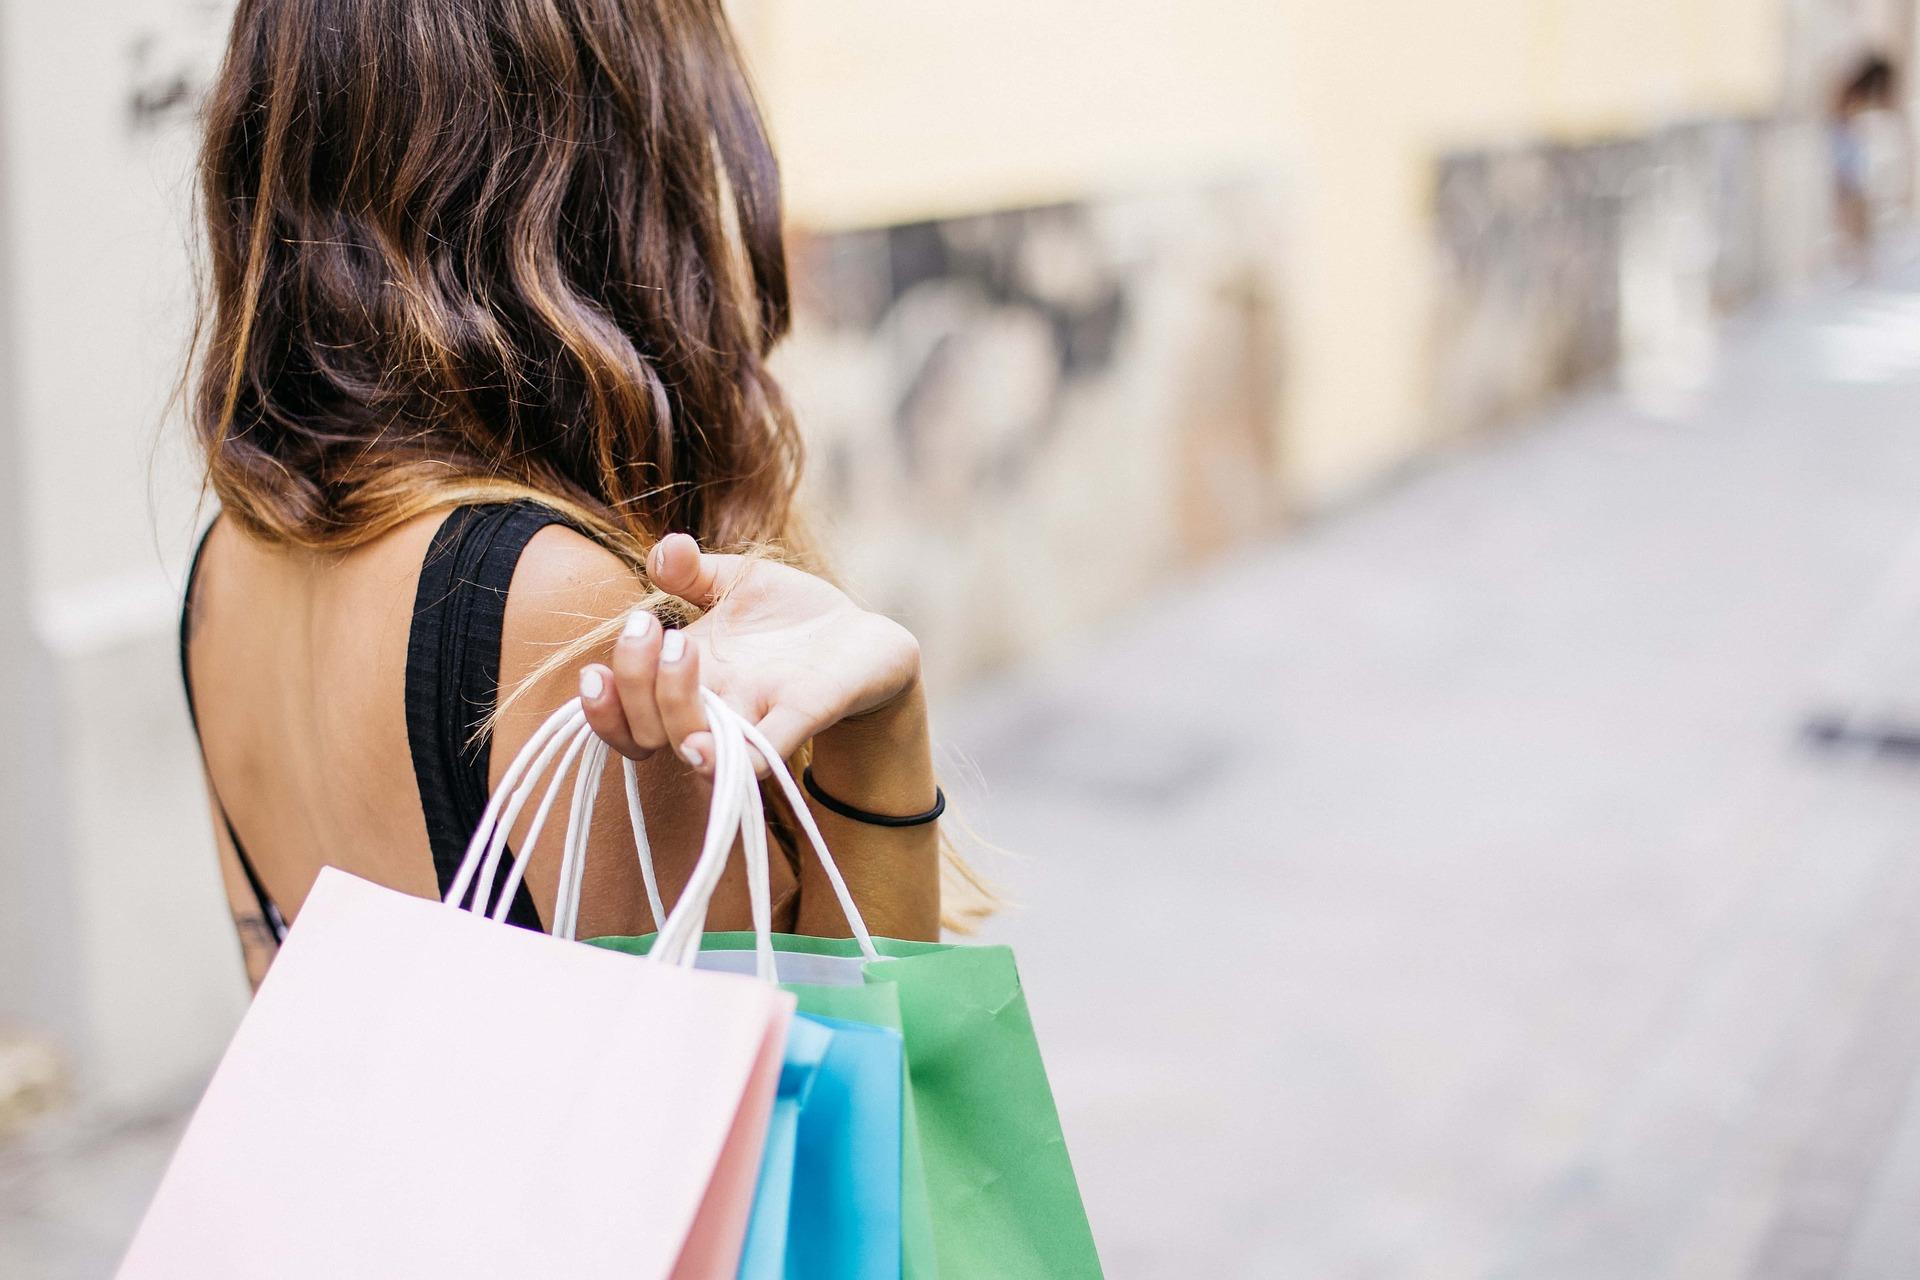 Dlaczego kupujemy zadużo? Opułapkach, jakie czyhają nanas wsklepach